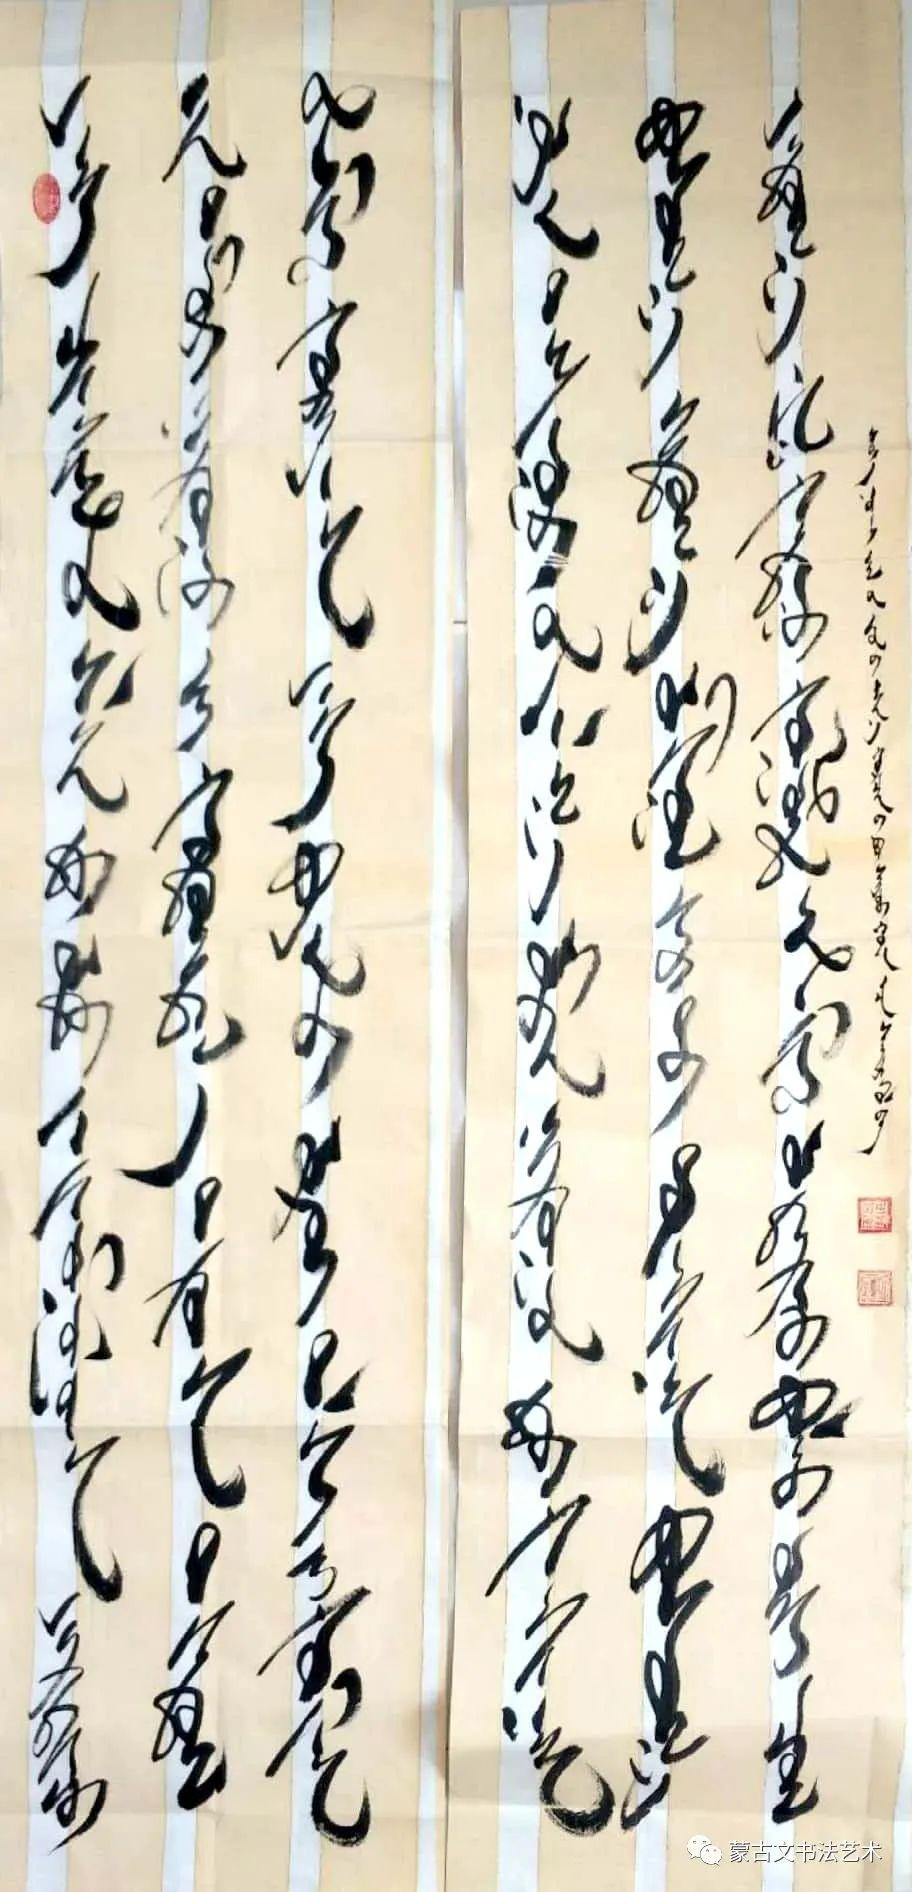 付晓花蒙古文书法 第6张 付晓花蒙古文书法 蒙古书法